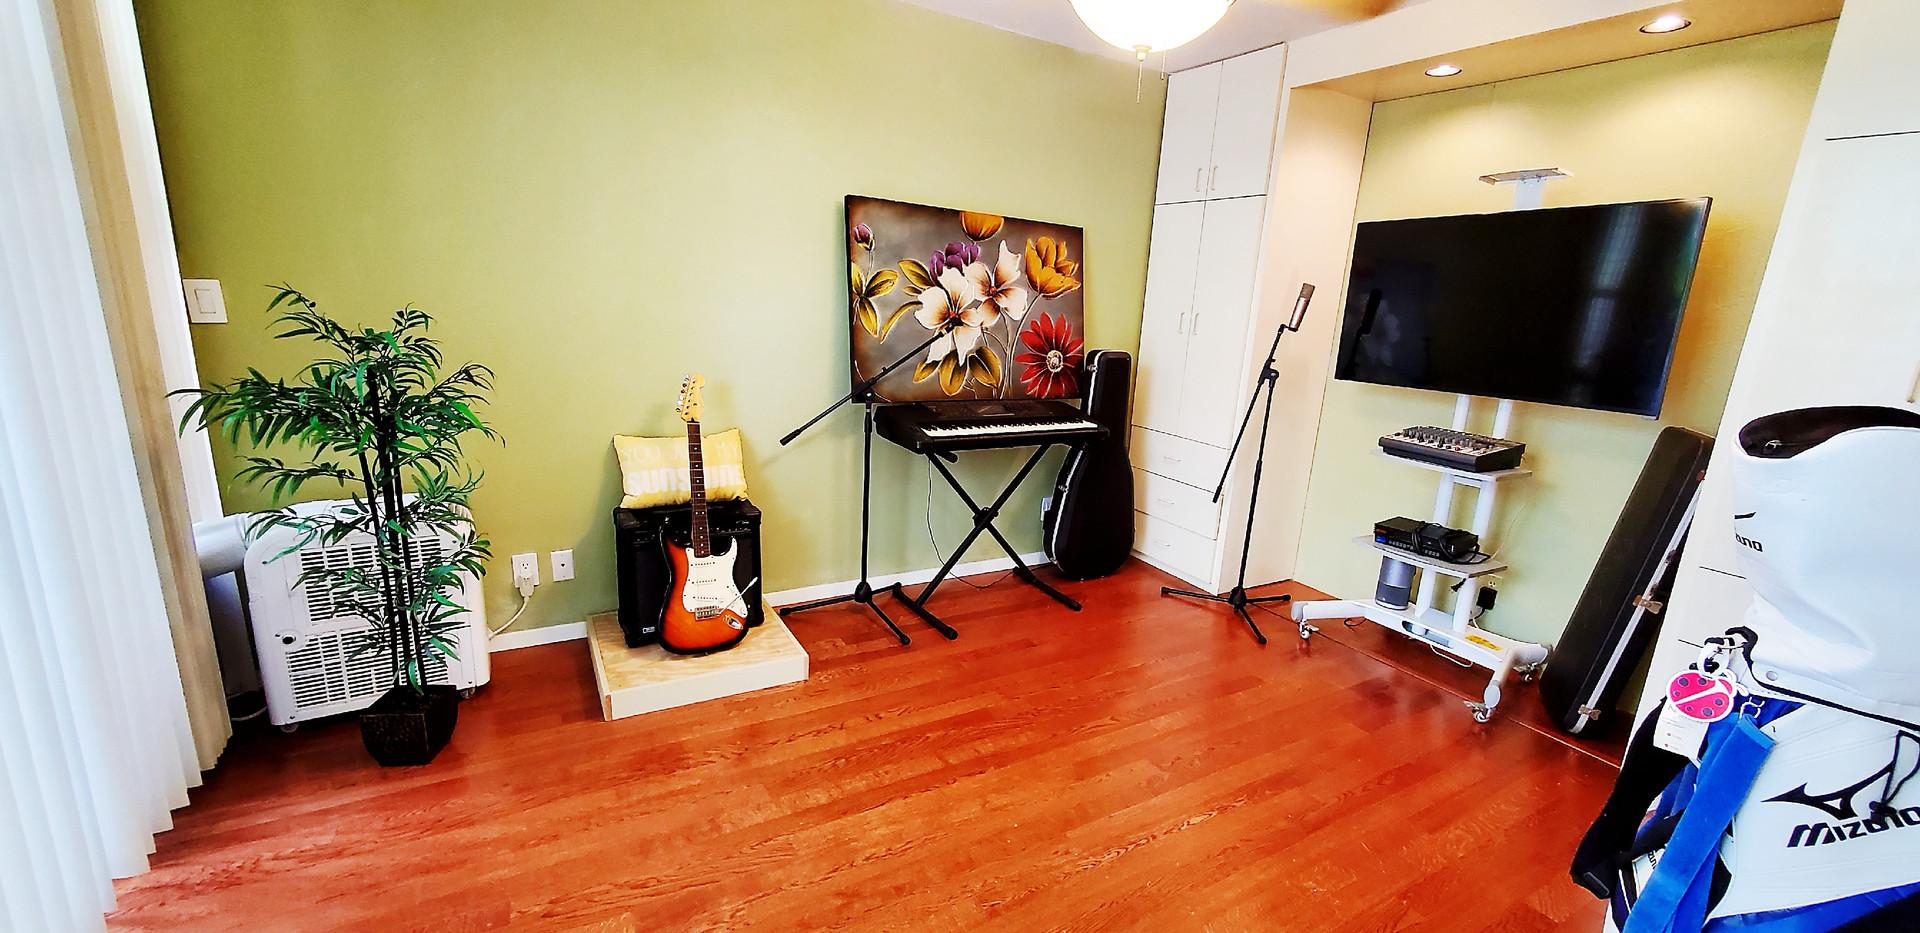 Downstair Bedroom.jpg